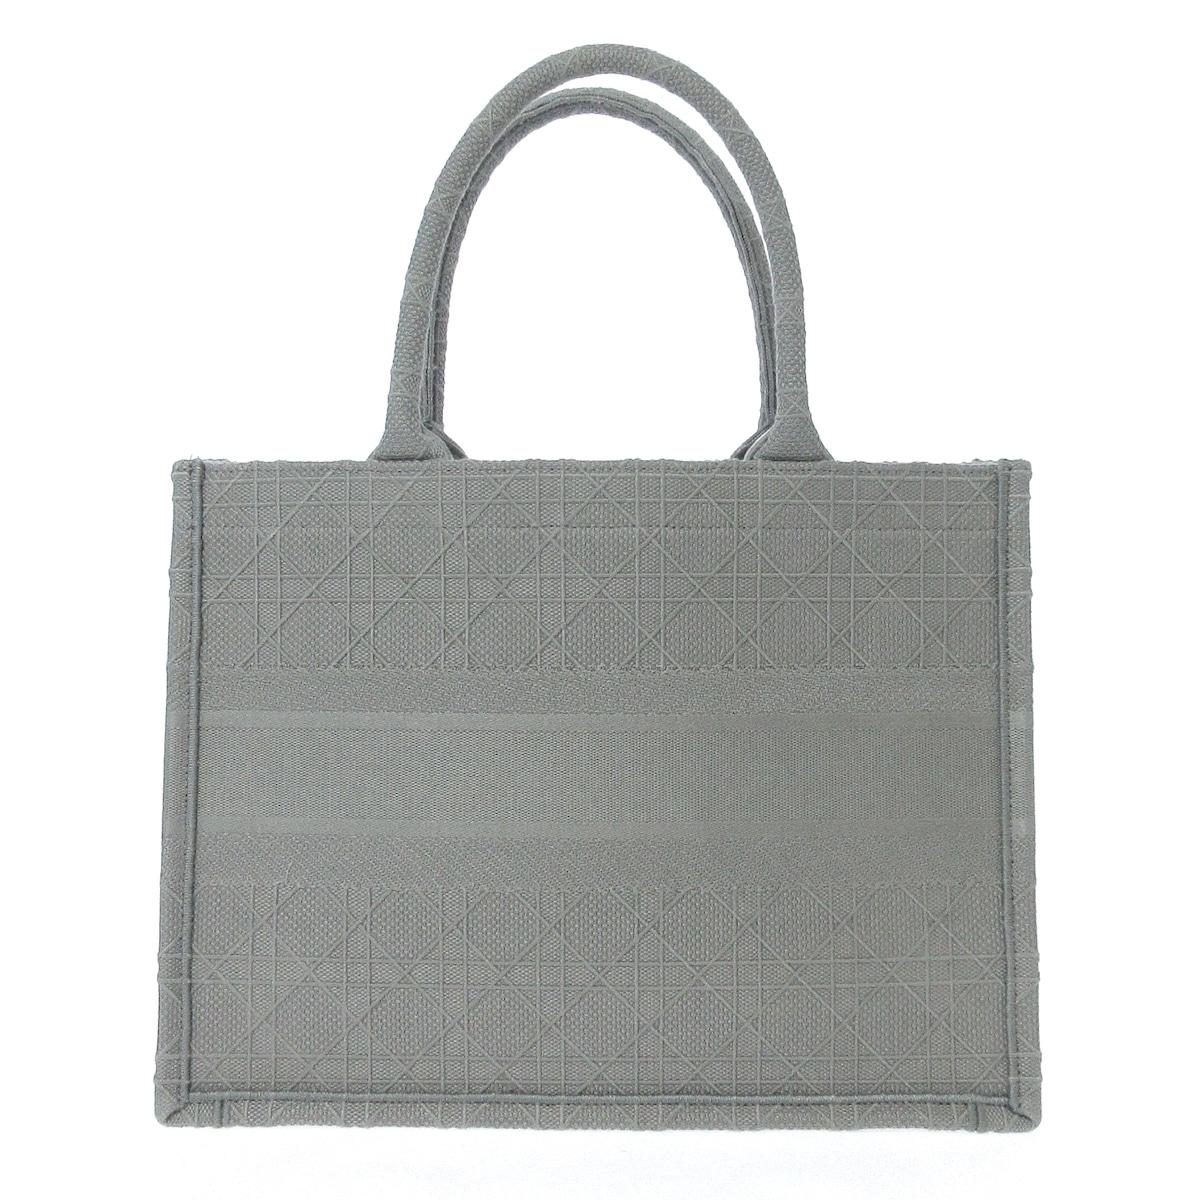 DIOR/ChristianDior(ディオール/クリスチャンディオール)のブックトートスモールバッグ